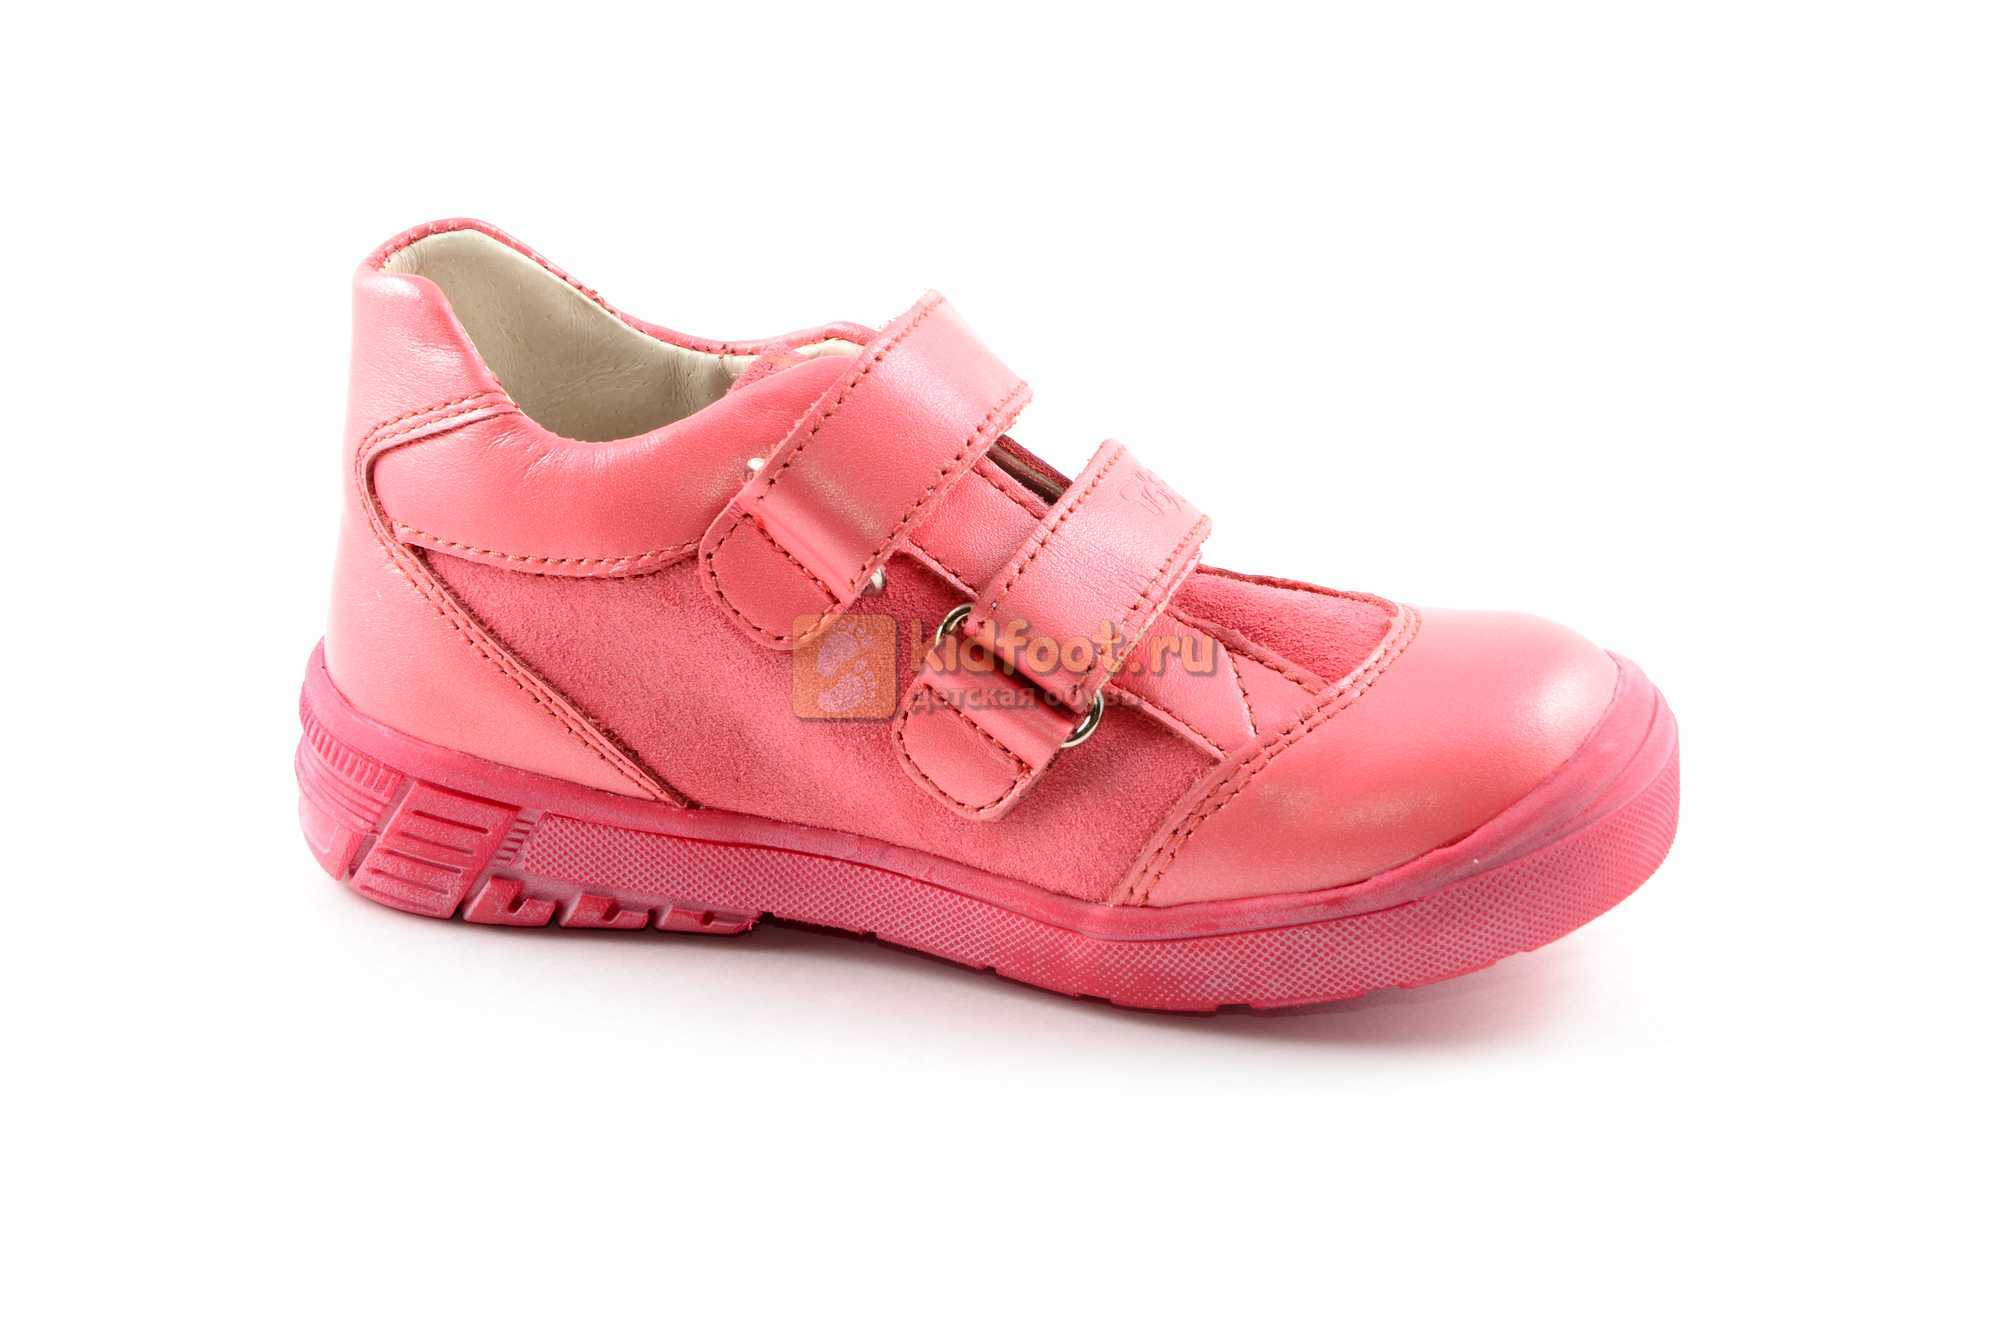 Ботинки Тотто из натуральной кожи на липучках демисезонные для девочек, цвет розовый